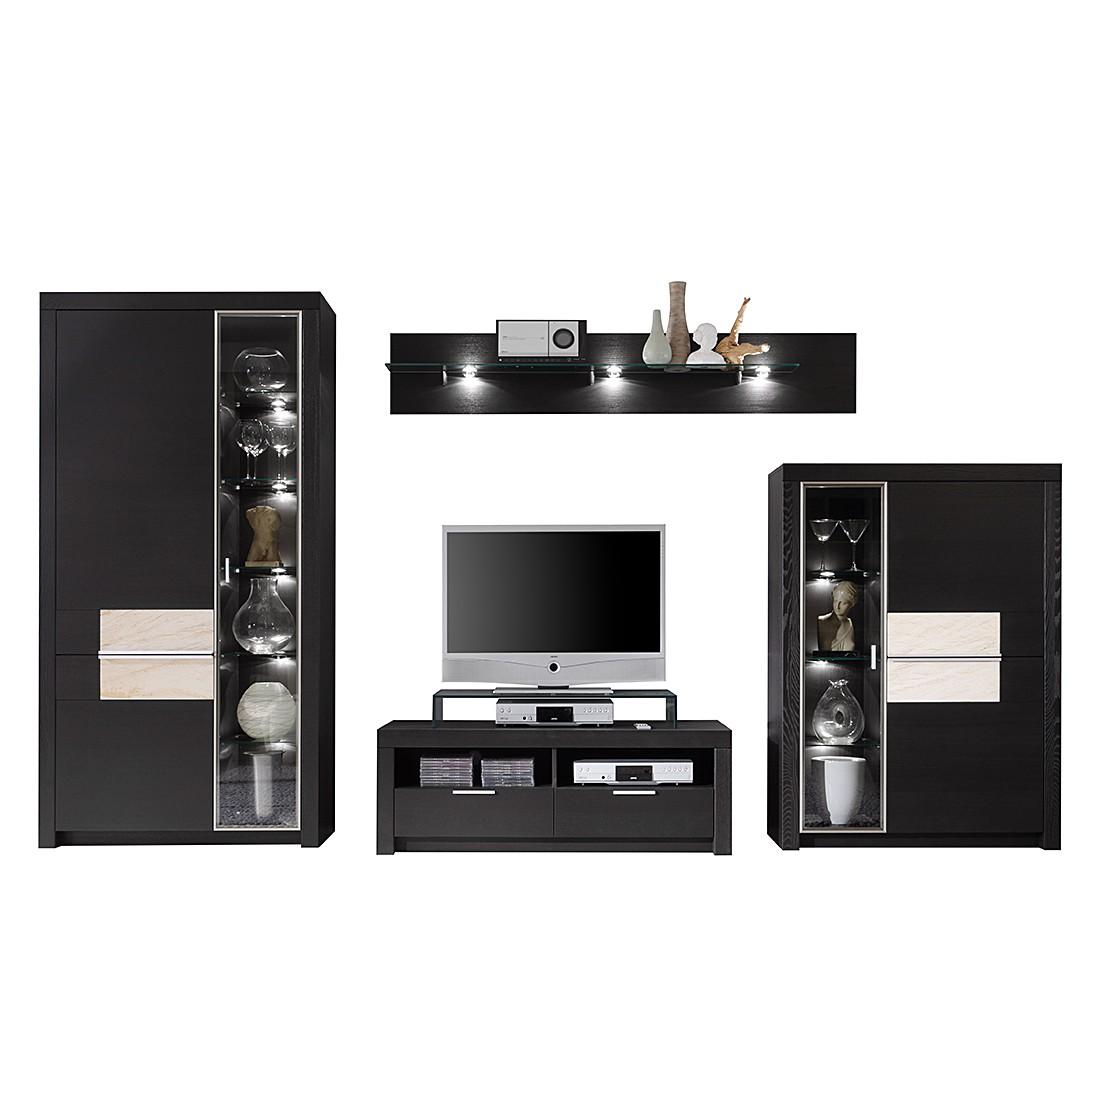 wohnwand cantano iii 4 teilig esche schwarz sandstein wohnwand 4 teilig ohne. Black Bedroom Furniture Sets. Home Design Ideas